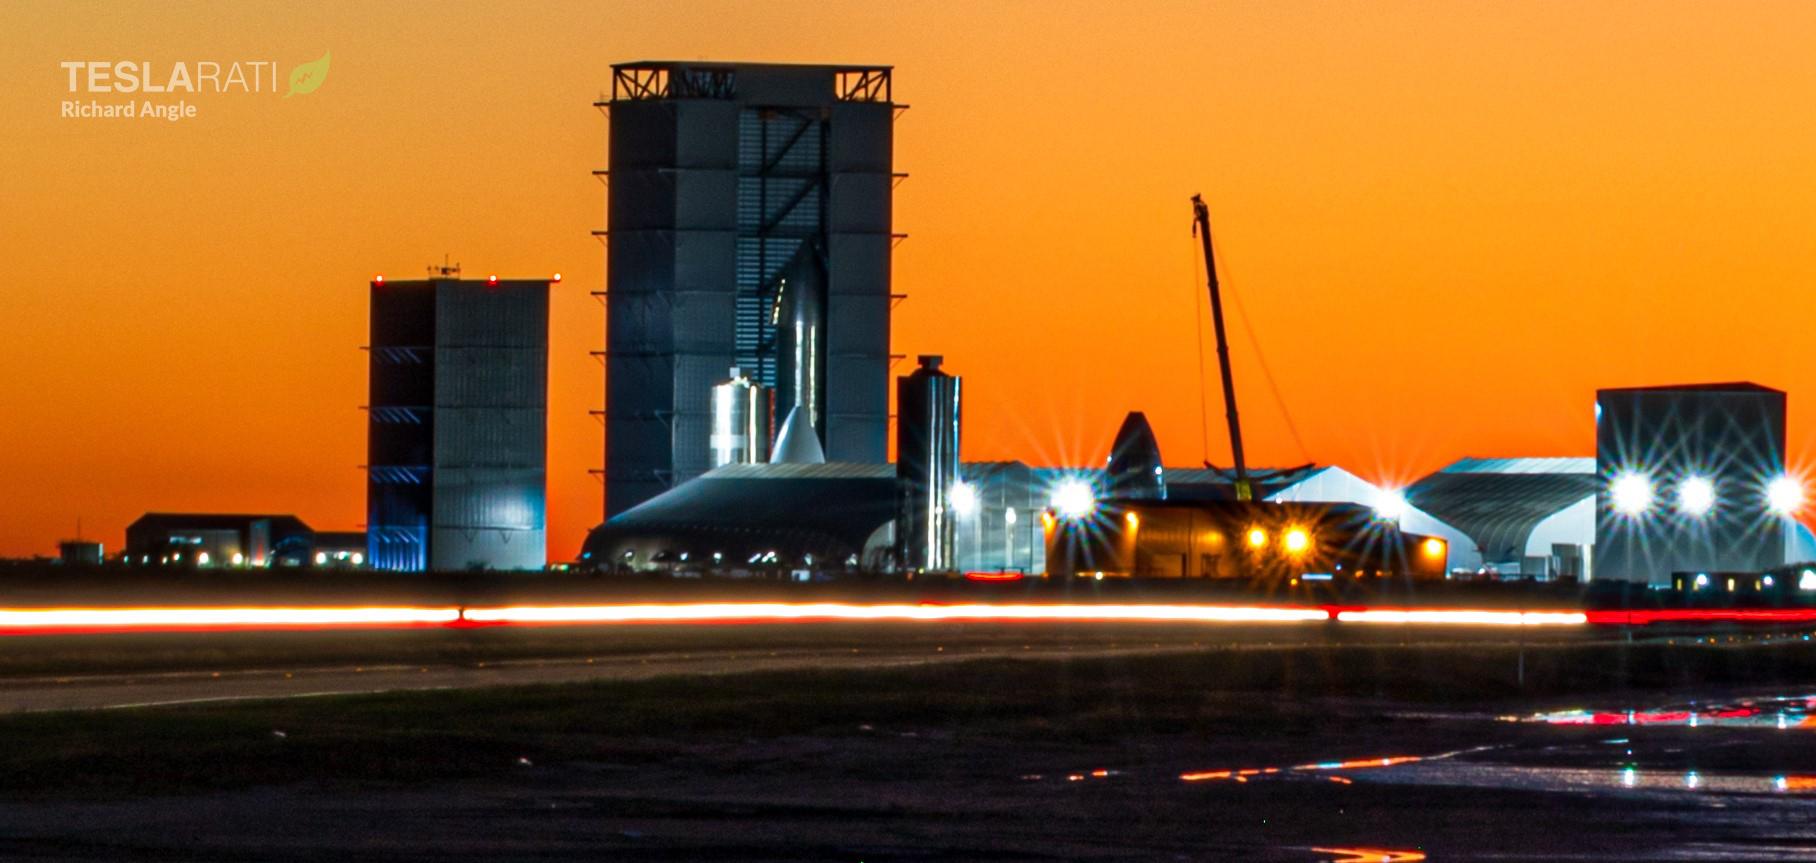 Завод SpaceX Starship борется с отключениями электроэнергии в Техасе с помощью солнечной энергии и хранилища Tesla